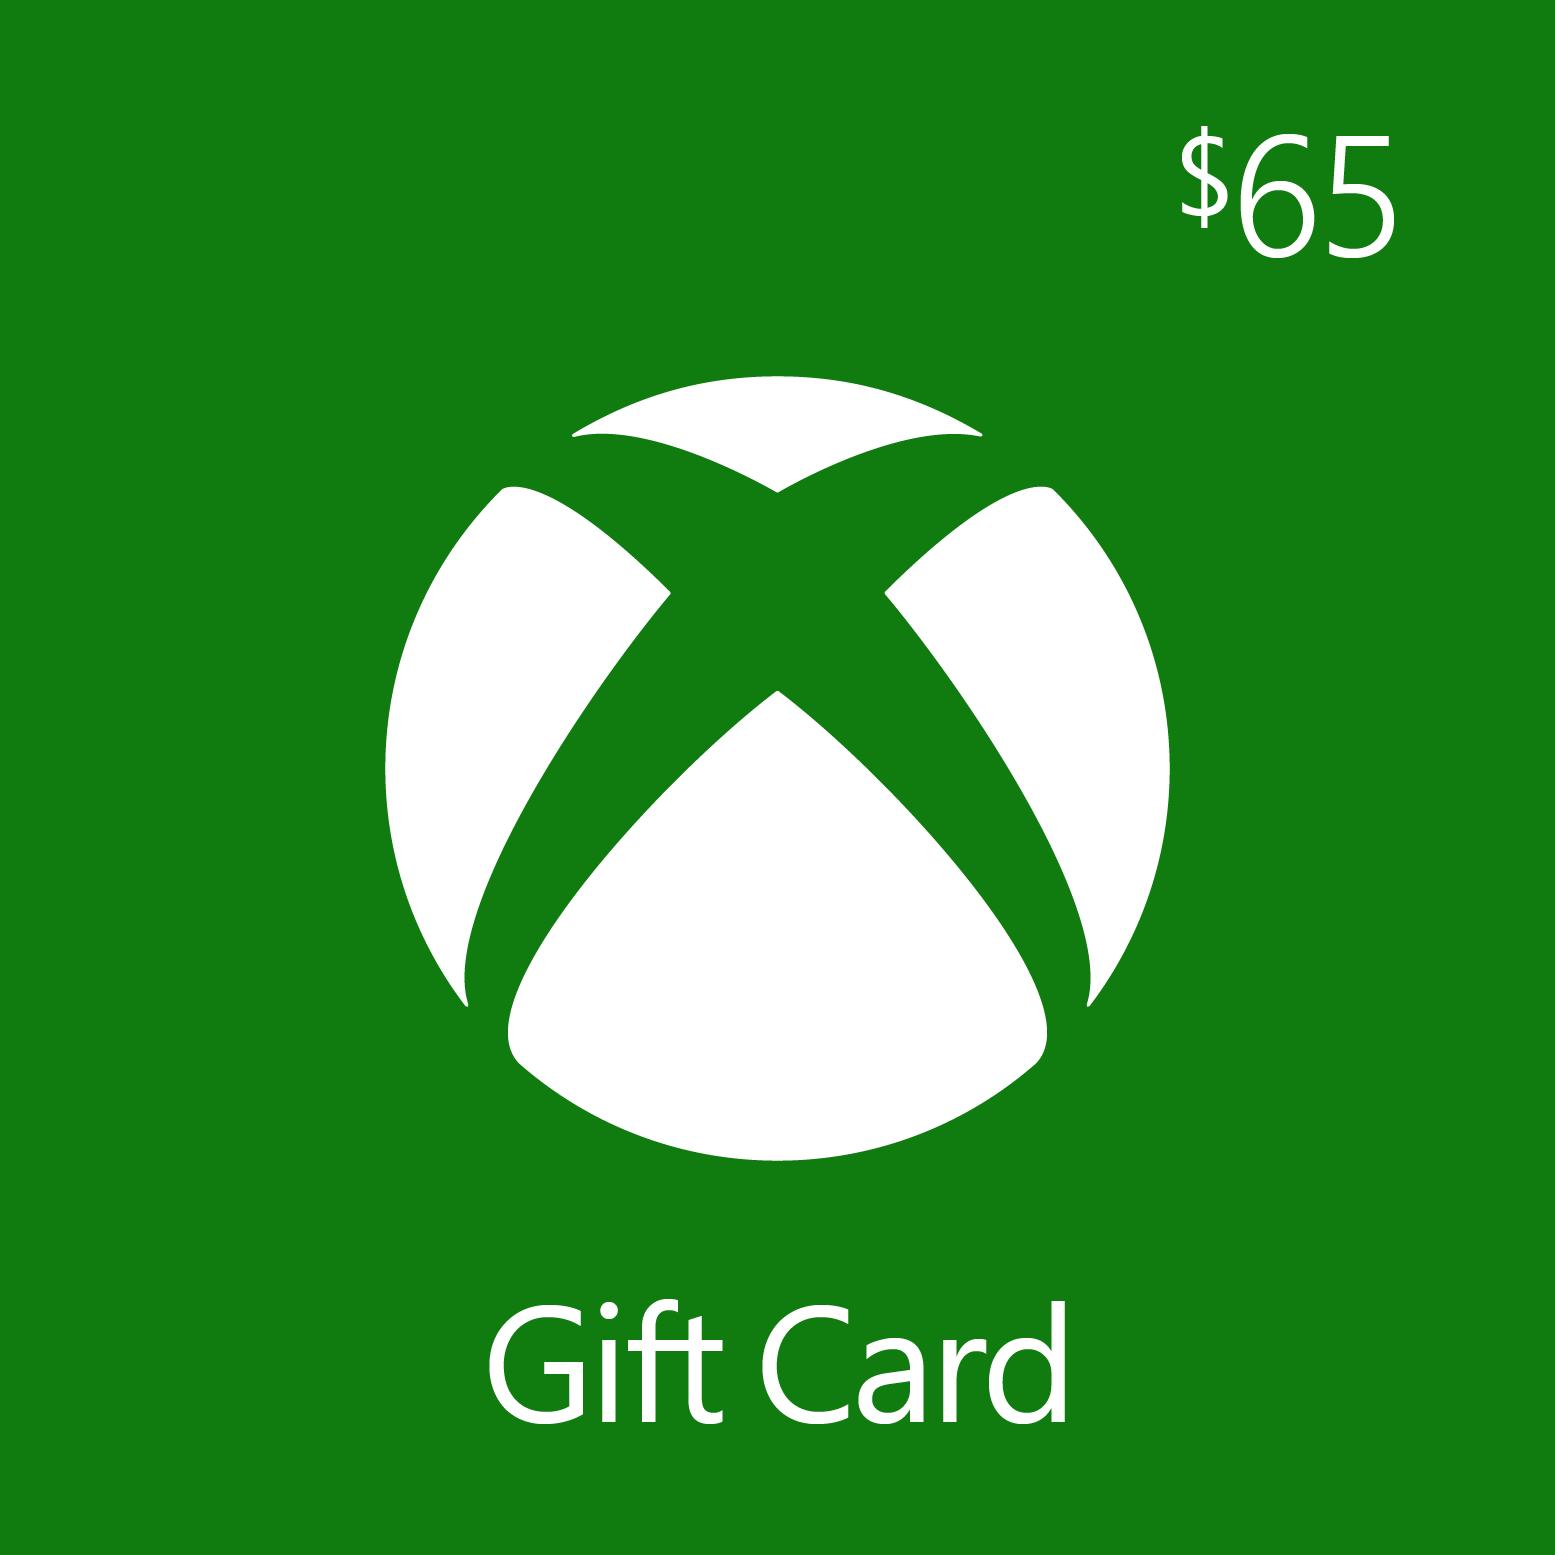 $65.00 Xbox Digital Gift Card